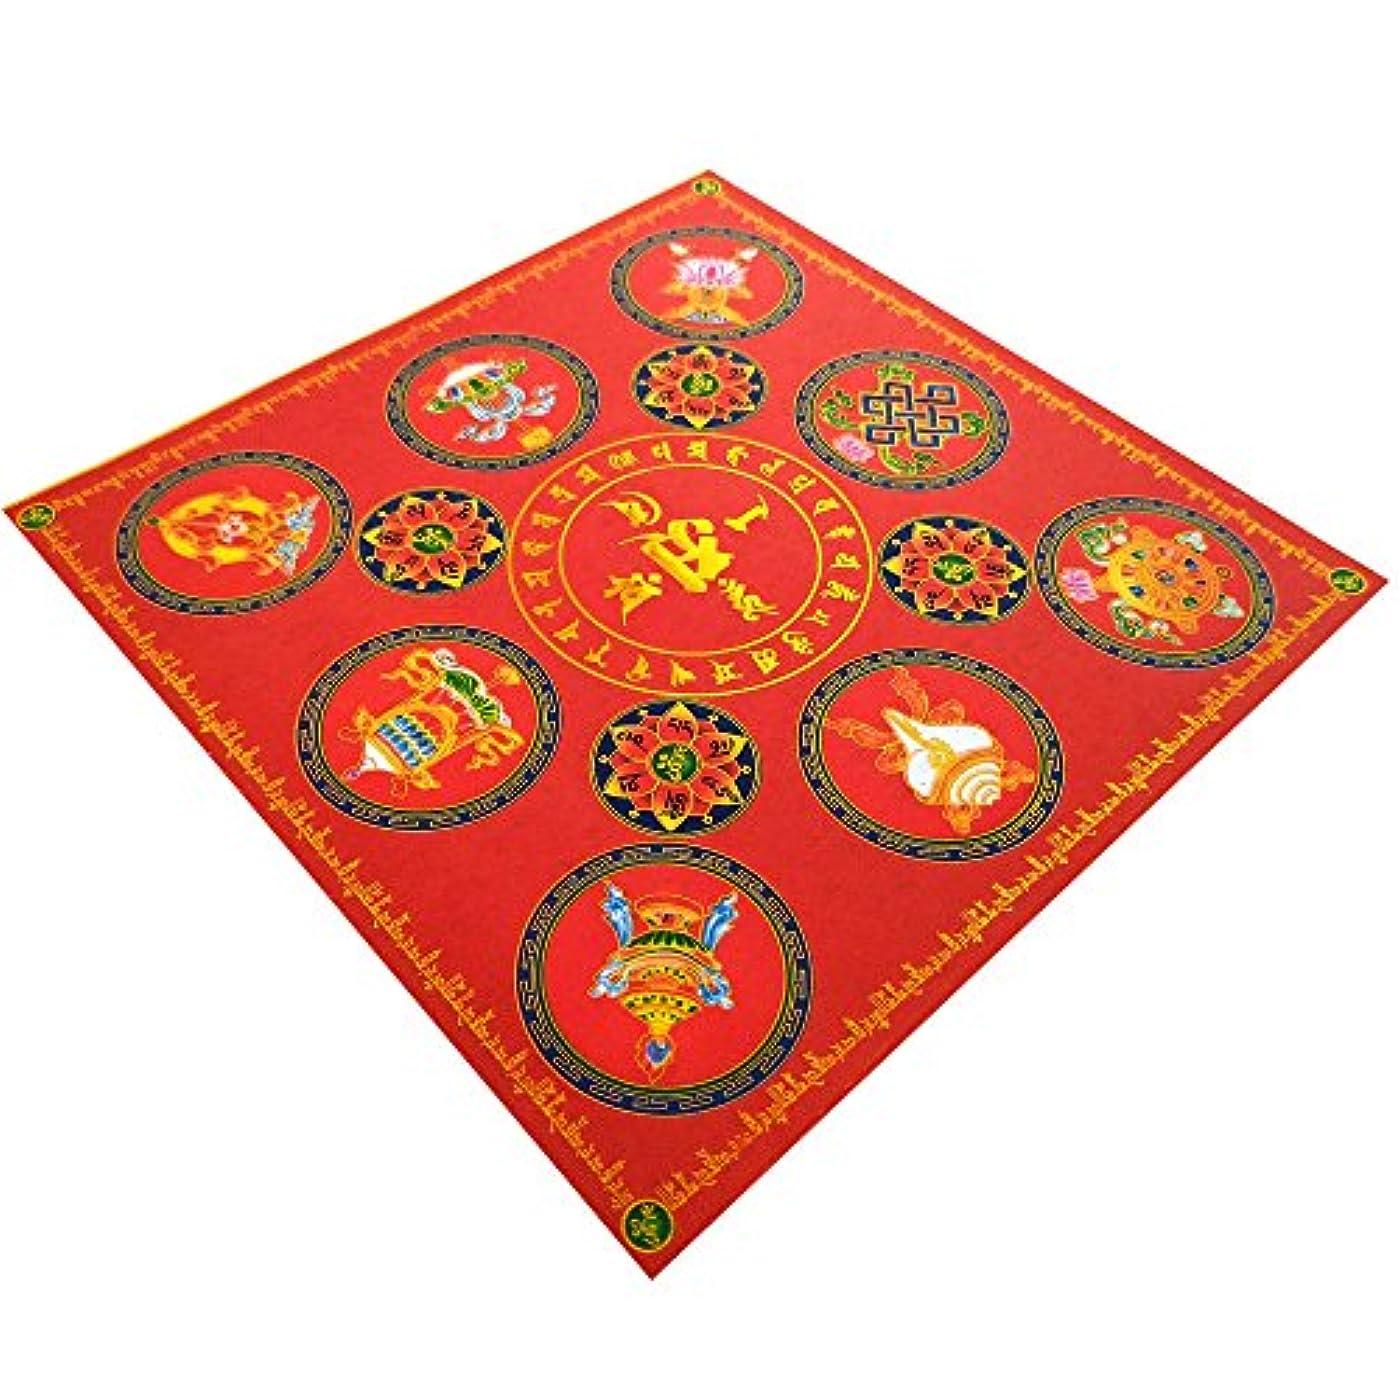 混合したうなずく投資するzeestar祖先Incense用紙/ゴーストお金の祖先Praying 7.6インチx 7.6インチ、40個 – 吉祥(Lotus